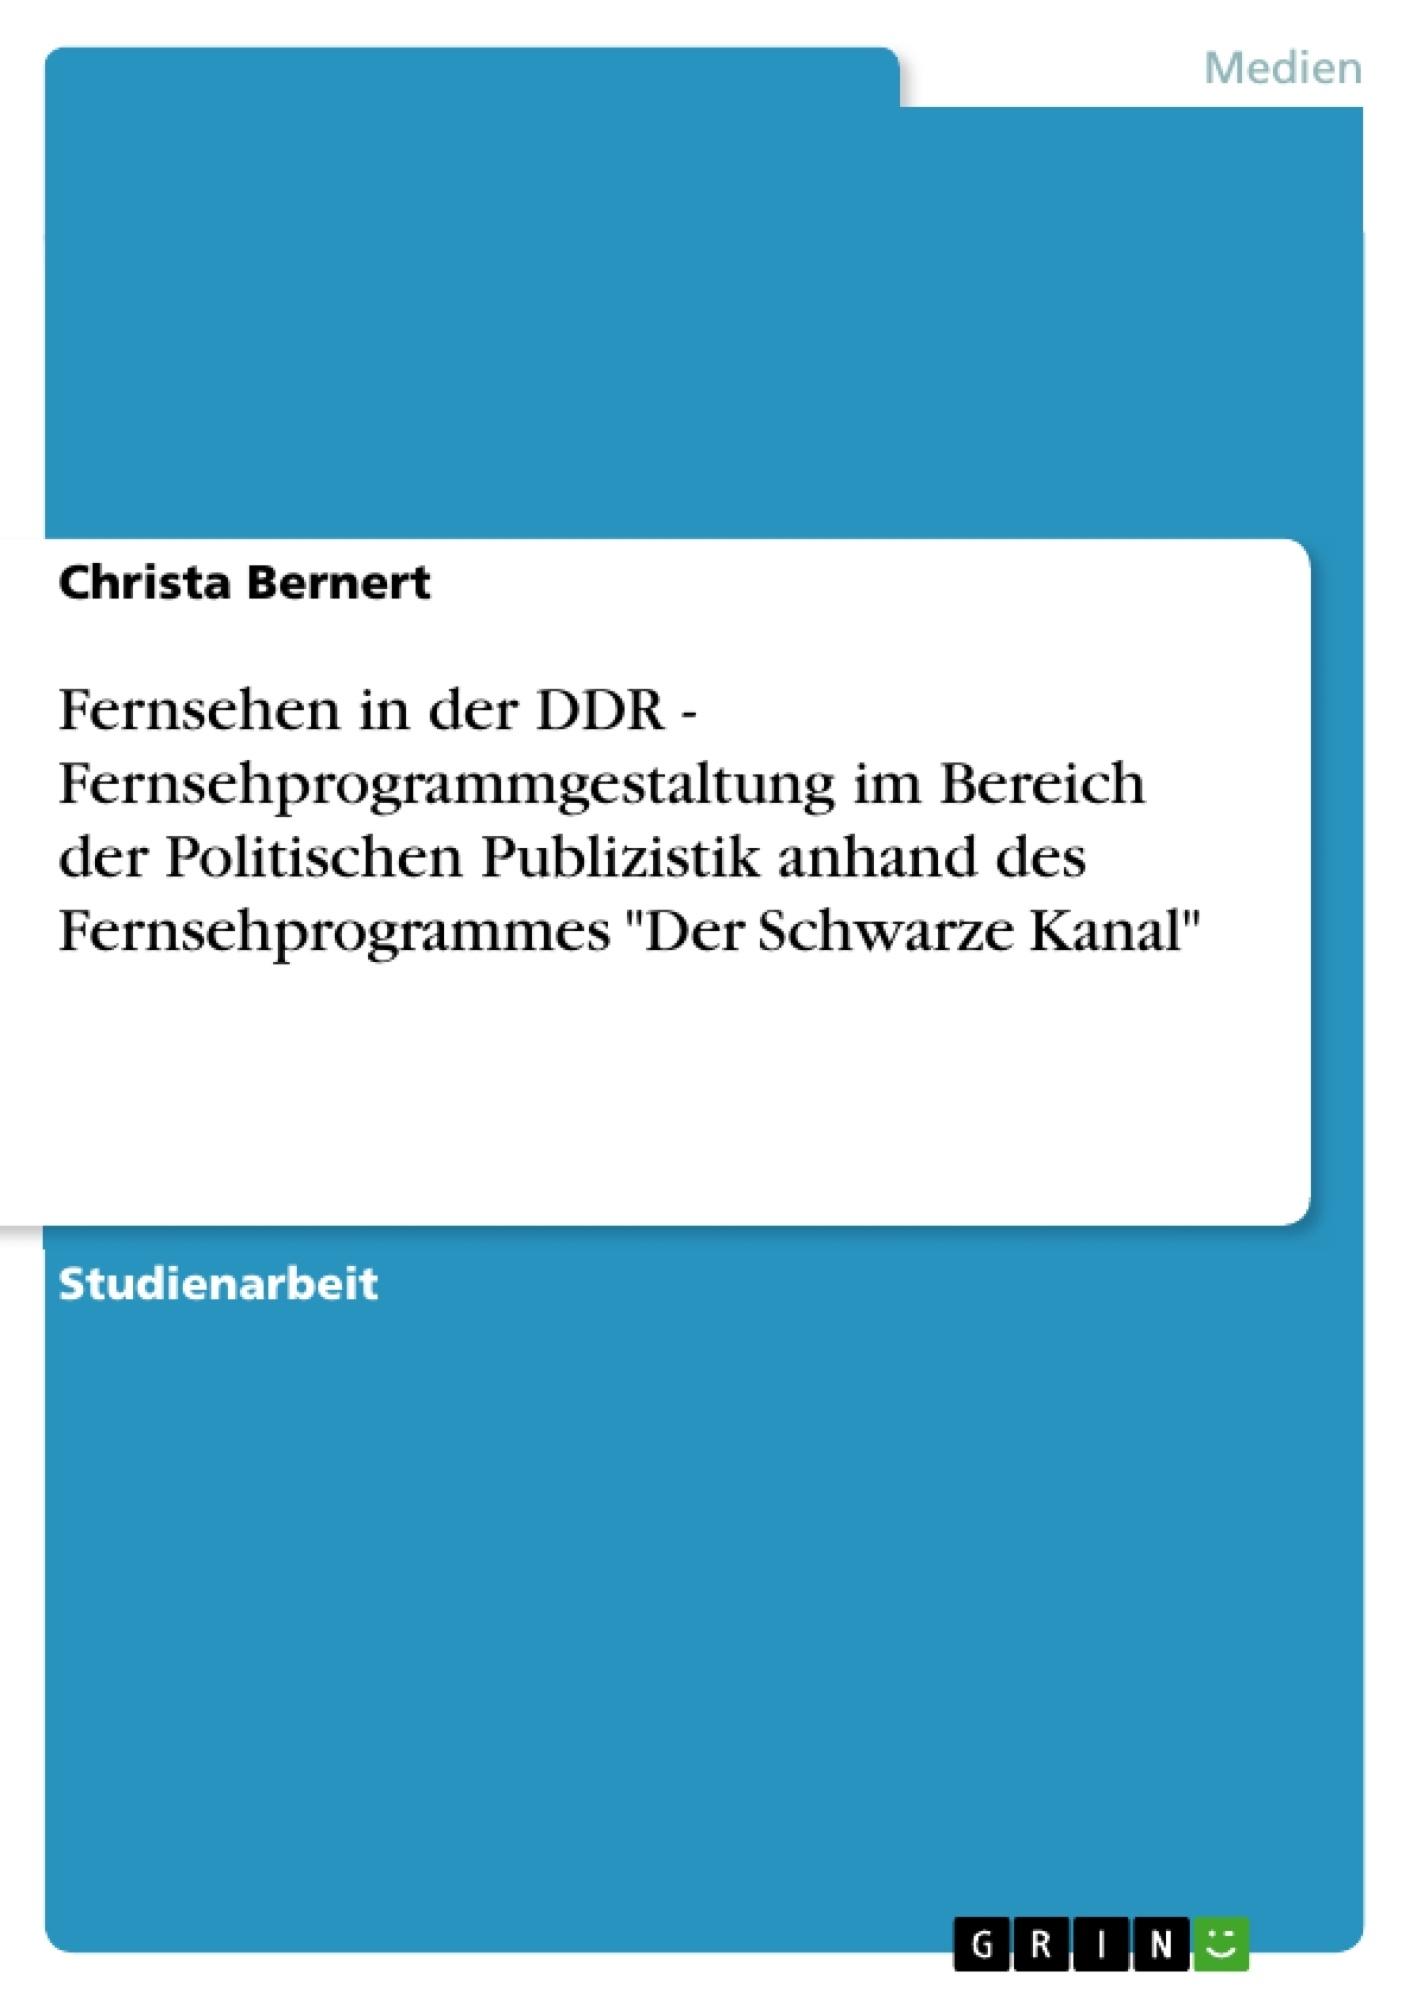 """Titel: Fernsehen in der DDR - Fernsehprogrammgestaltung im Bereich der Politischen Publizistik anhand des Fernsehprogrammes """"Der Schwarze Kanal"""""""